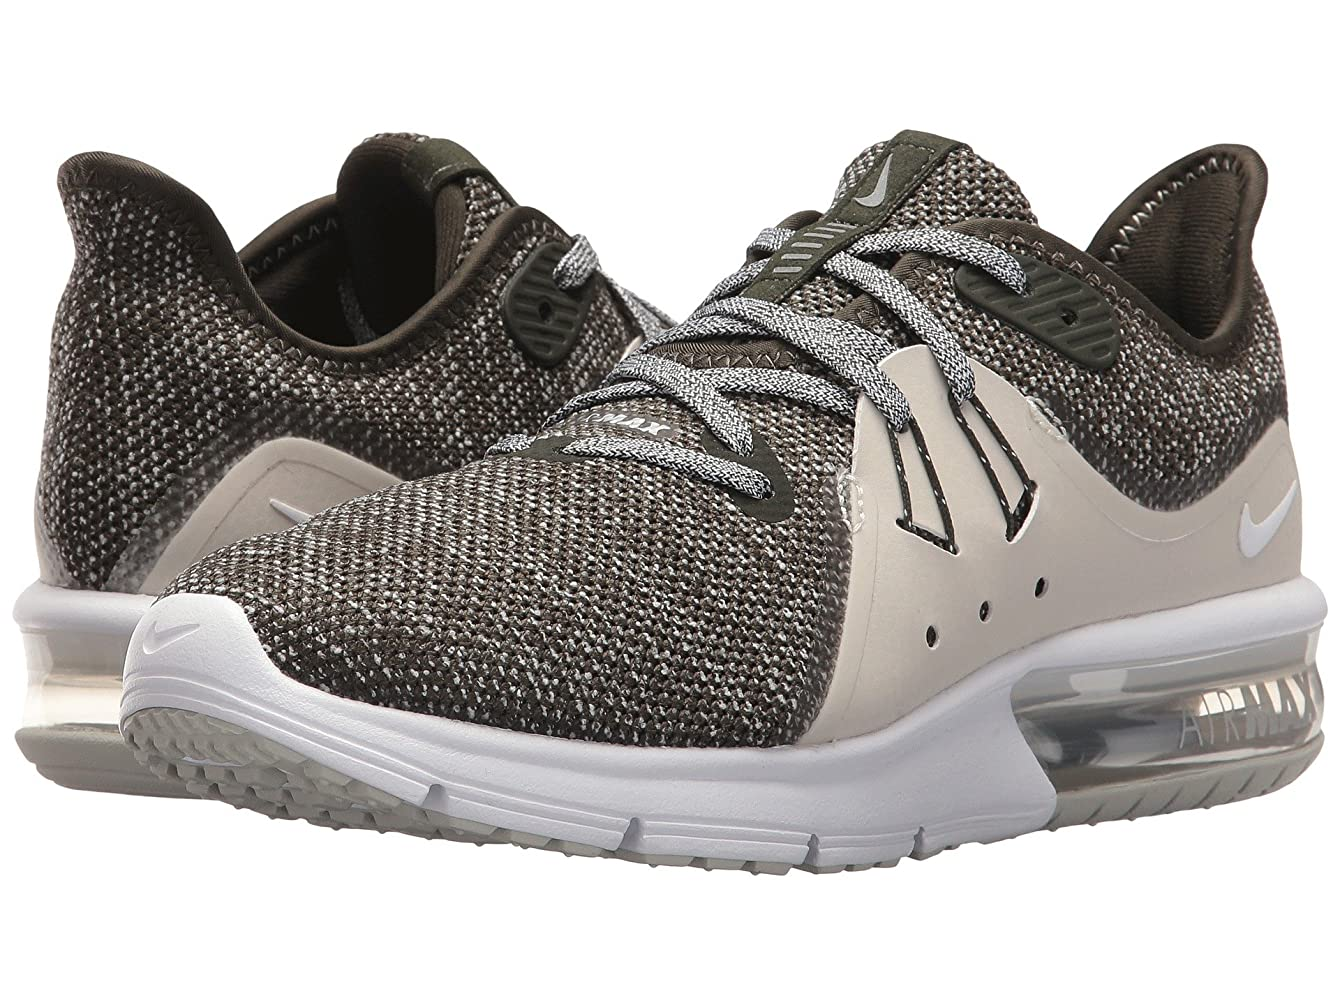 開梱土砂降り注ぎます(ナイキ) NIKE レディースランニングシューズ?スニーカー?靴 Air Max Sequent 3 Sequoia/Metallic Platinum/White 11 (28cm) B - Medium